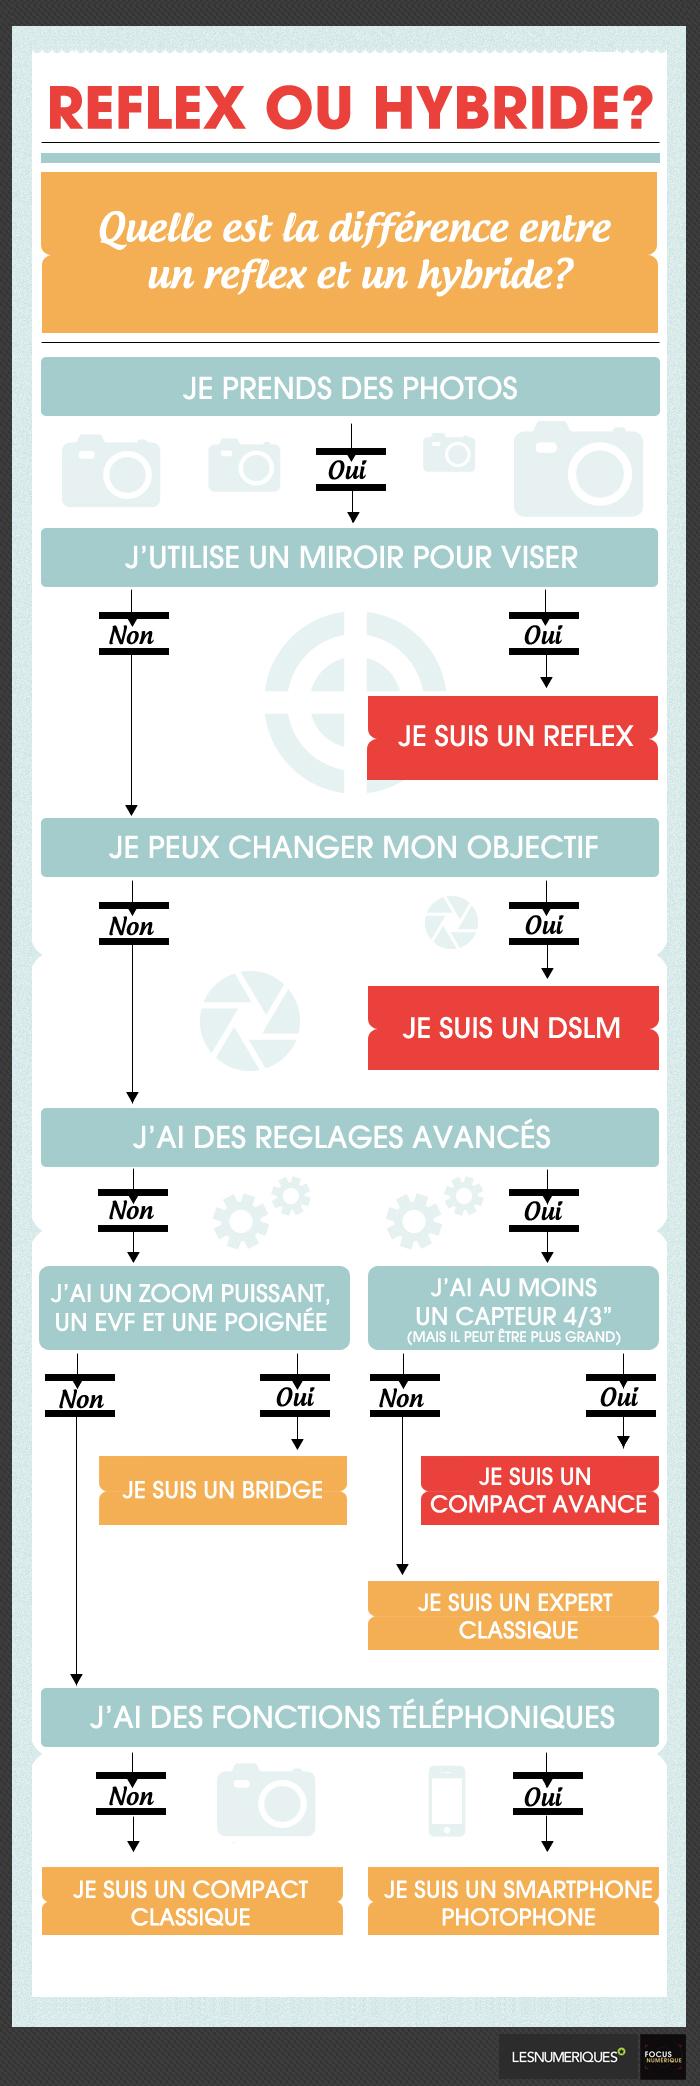 La nouvelle règlementation terminologique photo Infographie-reflex-ou-hybride